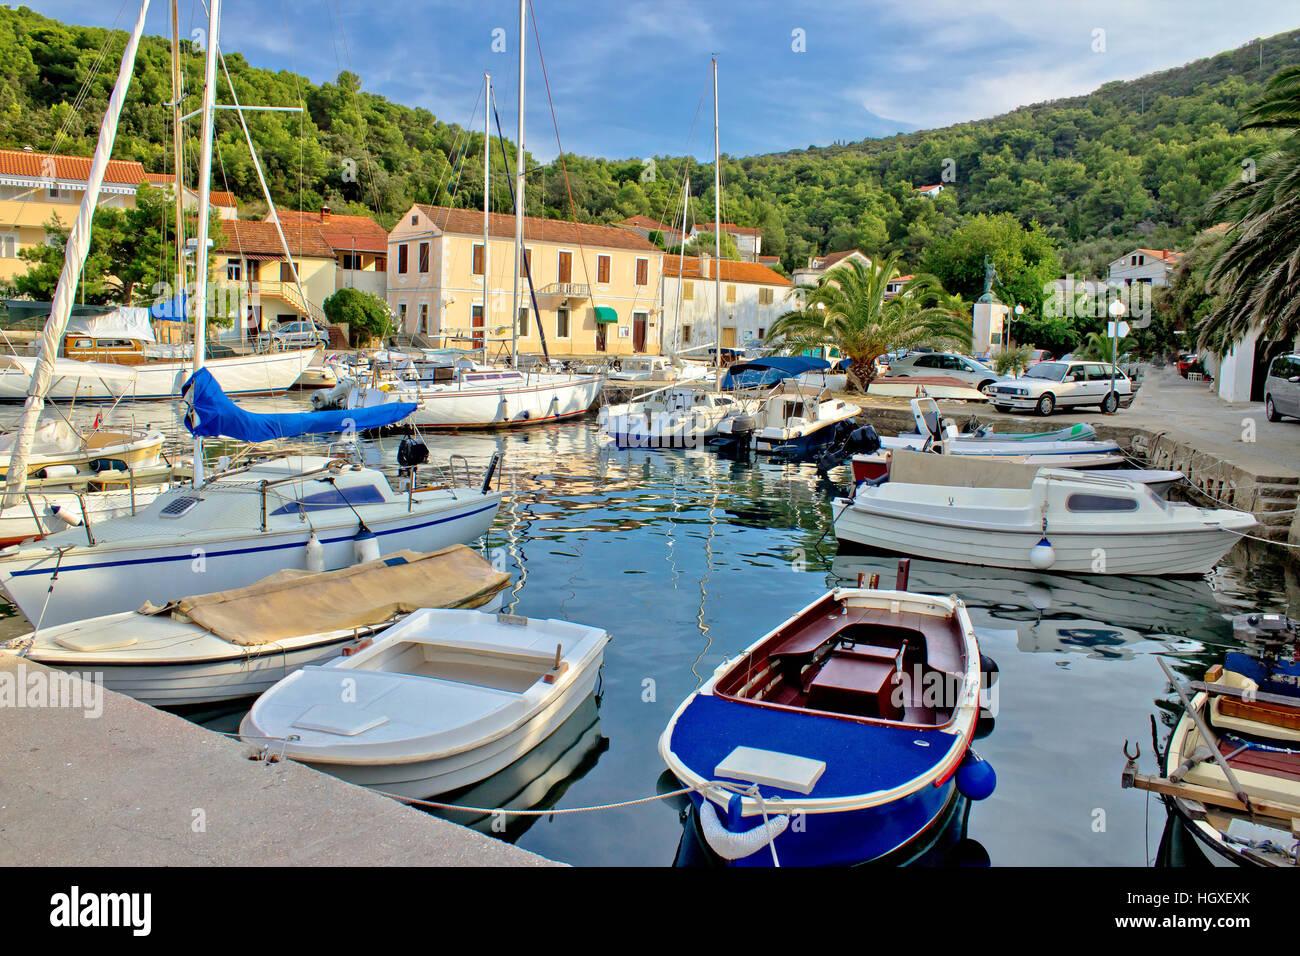 Mali Iz Adria sicherer Hafen, Dalmatien, Kroatien Stockbild